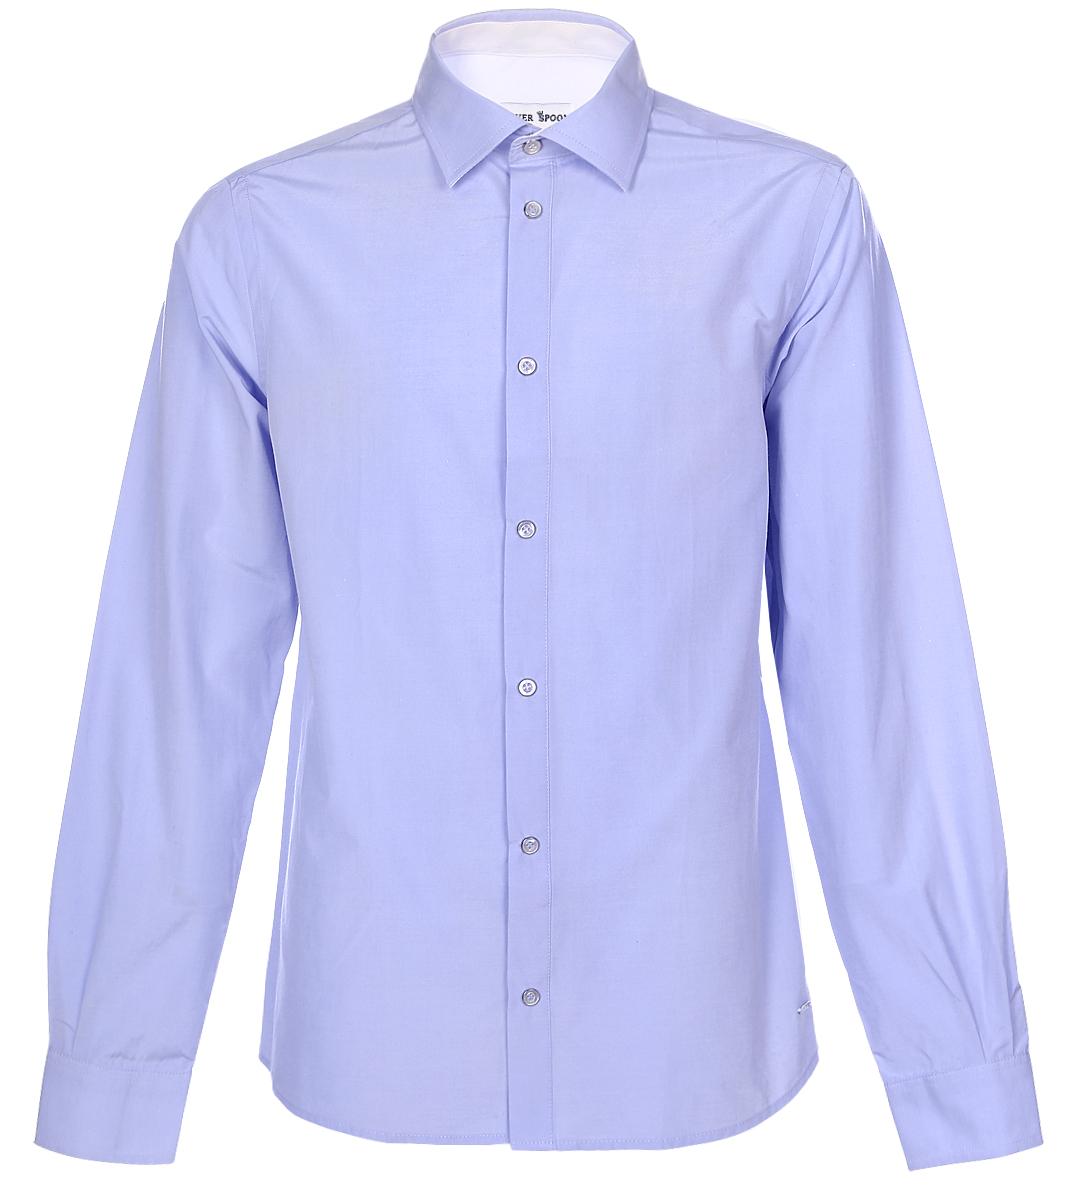 Рубашка для мальчика Silver Spoon, цвет: сиренево-синий. SSFSB-629-13831-338. Размер 158SSFSB-629-13831-338Стильная рубашка Silver Spoon станет отличным дополнением к школьному гардеробу вашего мальчика. Модель, выполненная из хлопка с добавлением полиэстера, необычайно мягкая и приятная на ощупь, не сковывает движения и позволяет коже дышать. Рубашка классического кроя с длинными рукавами и отложным воротником застегивается на пуговицы по всей длине. На манжетах предусмотрены застежки-пуговицы.